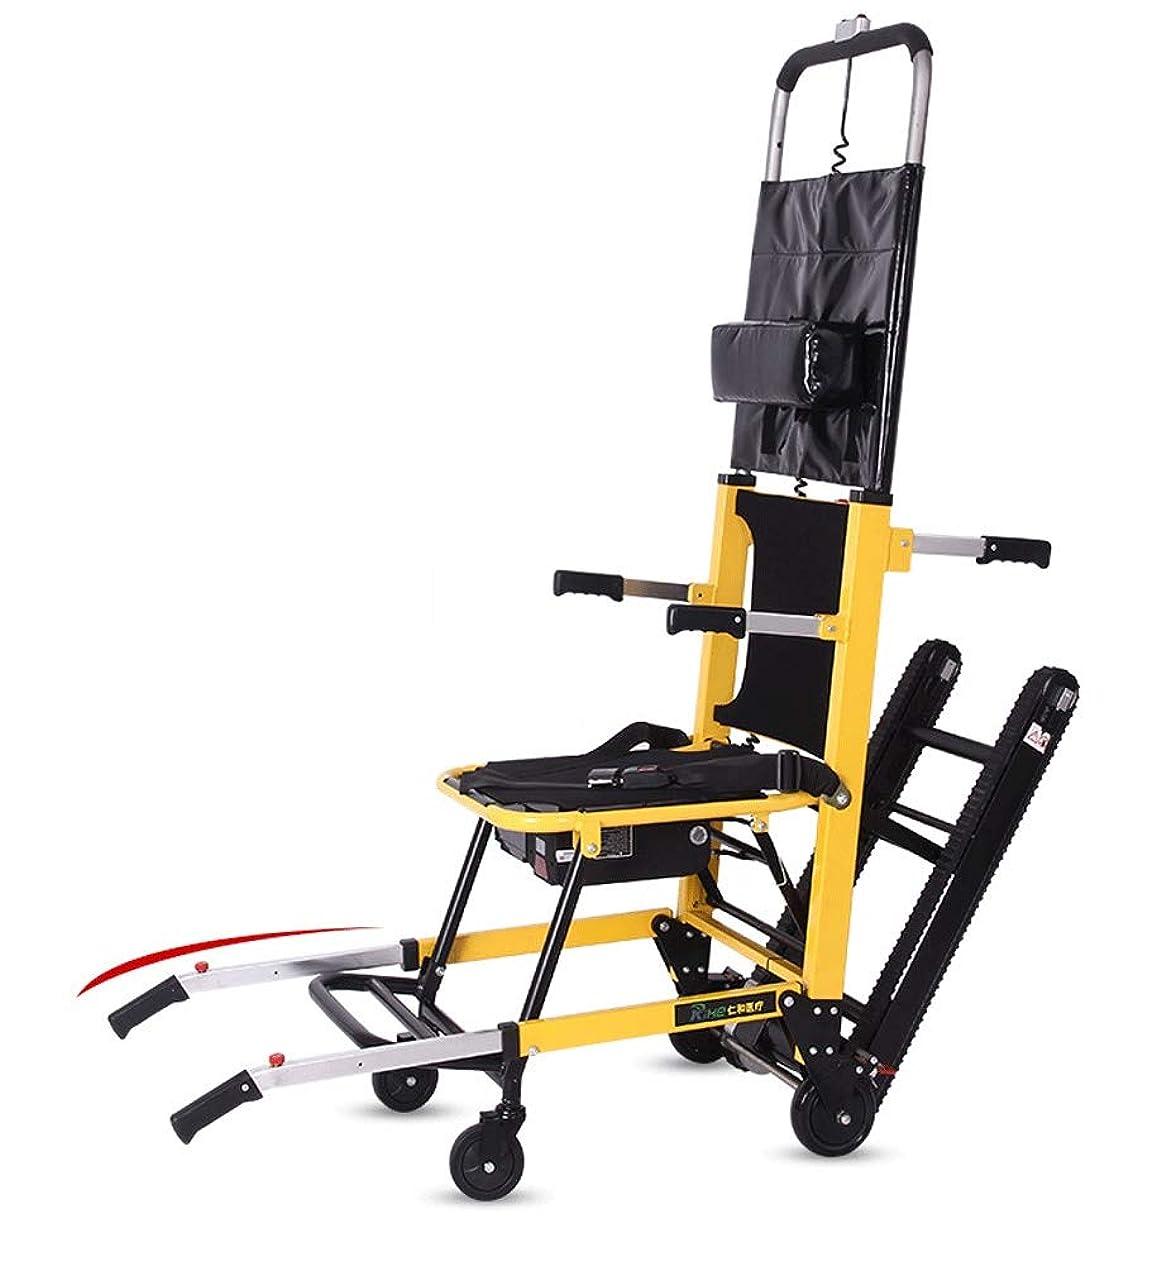 お互い傀儡厄介なEMS階段椅子、電気階段昇降車椅子重階段チェアクライミングチェア折りたたみクローラクライミング議長緊急階段を登ります